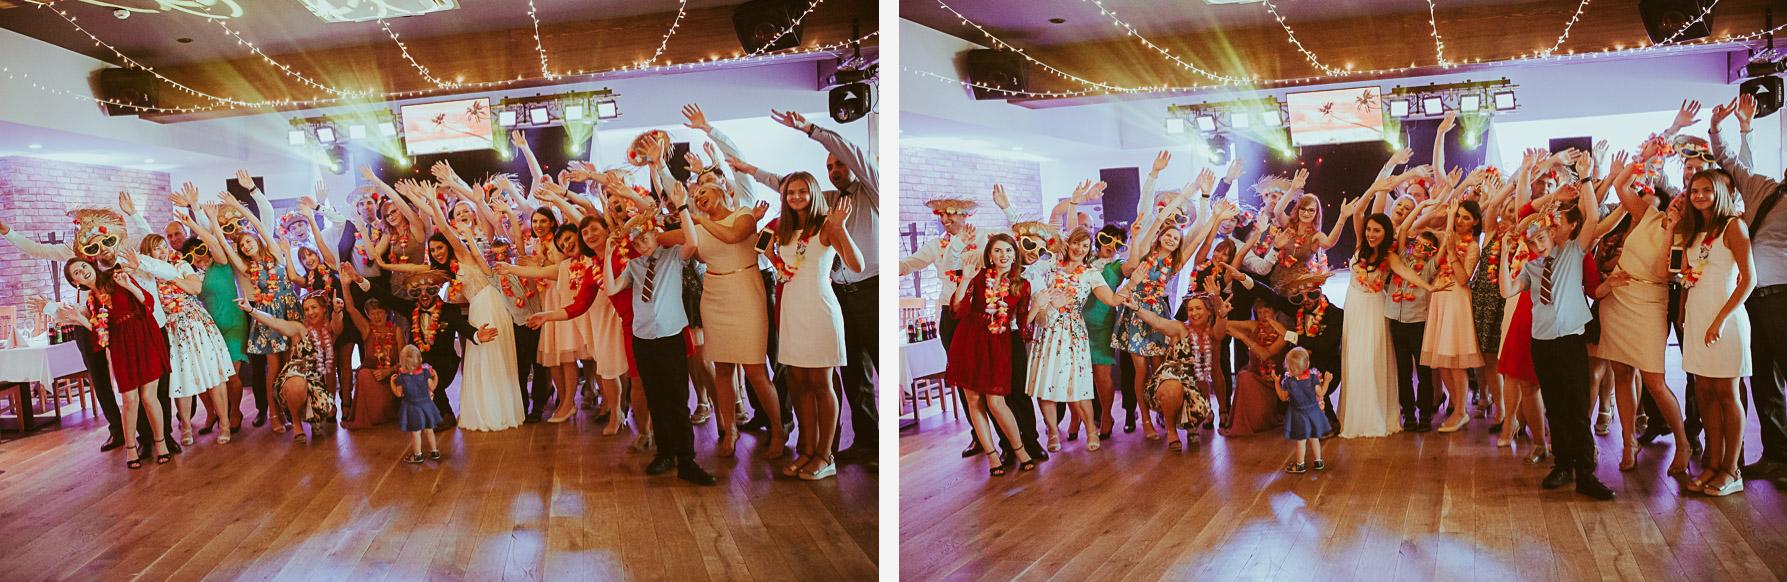 Zdjęcia Ślubne Wisła 139 38v